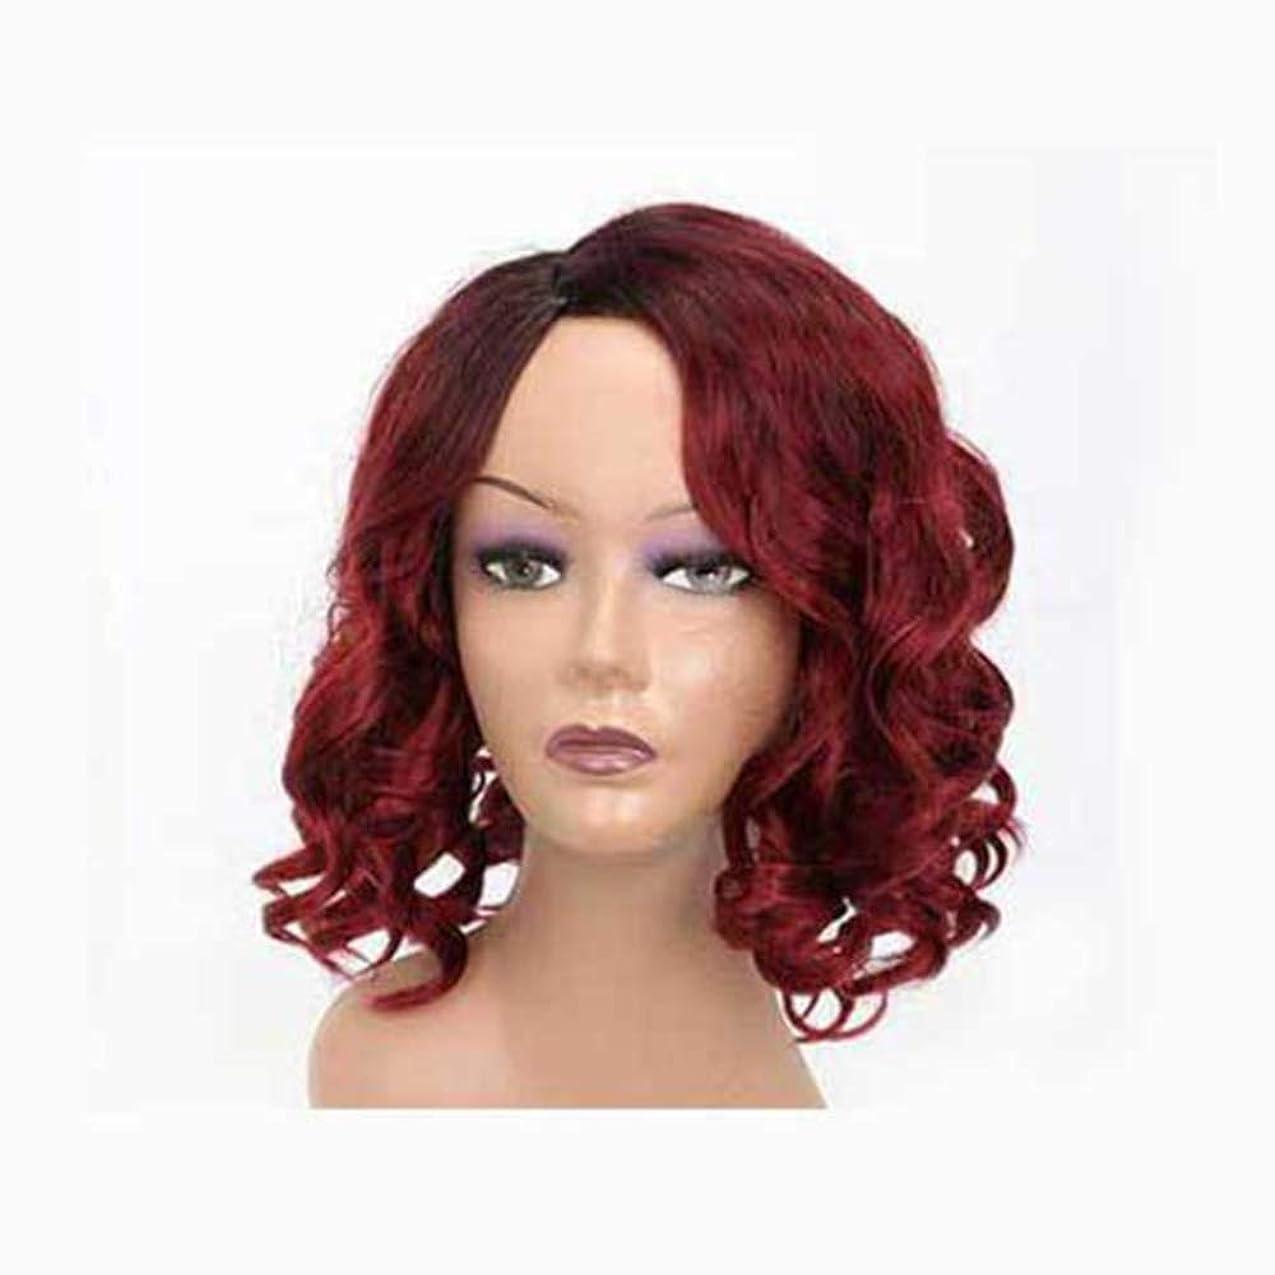 郵便屋さん畝間トランスミッション女性のための赤いかつら短い髪ふわふわの波状の髪かつら自然に見える耐熱合成ファッションかつら短い巻き毛のコスプレ